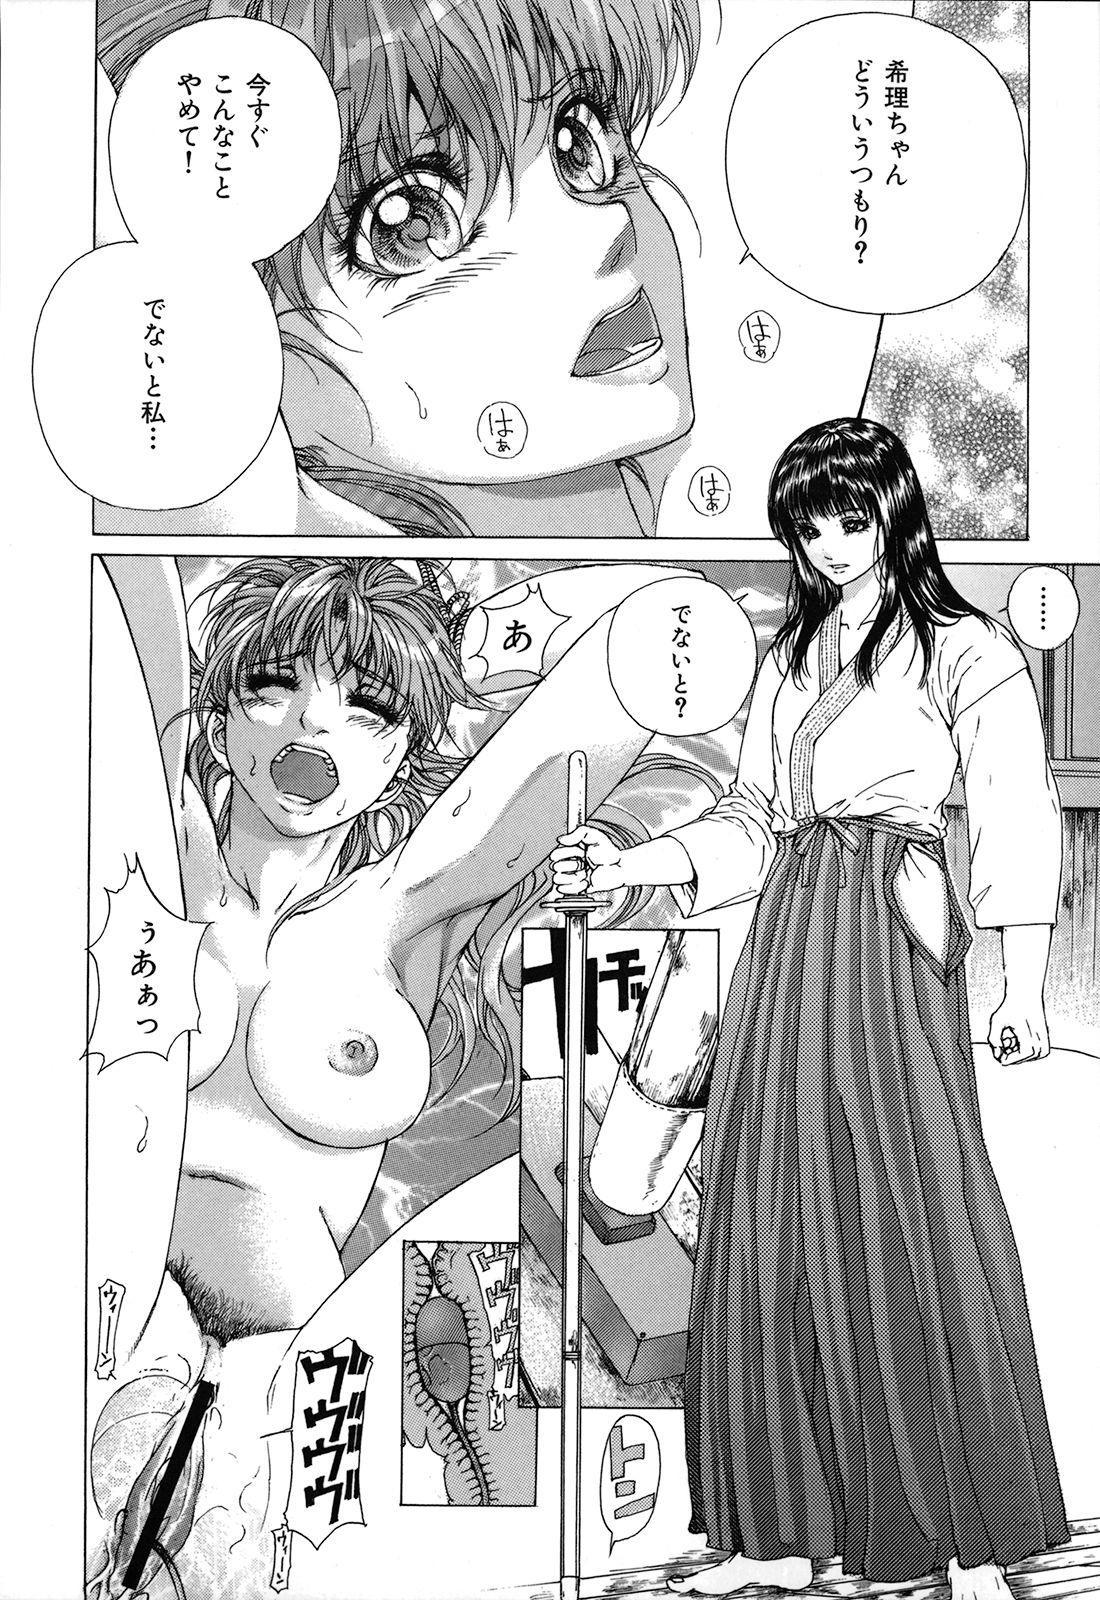 Kou Musume 145